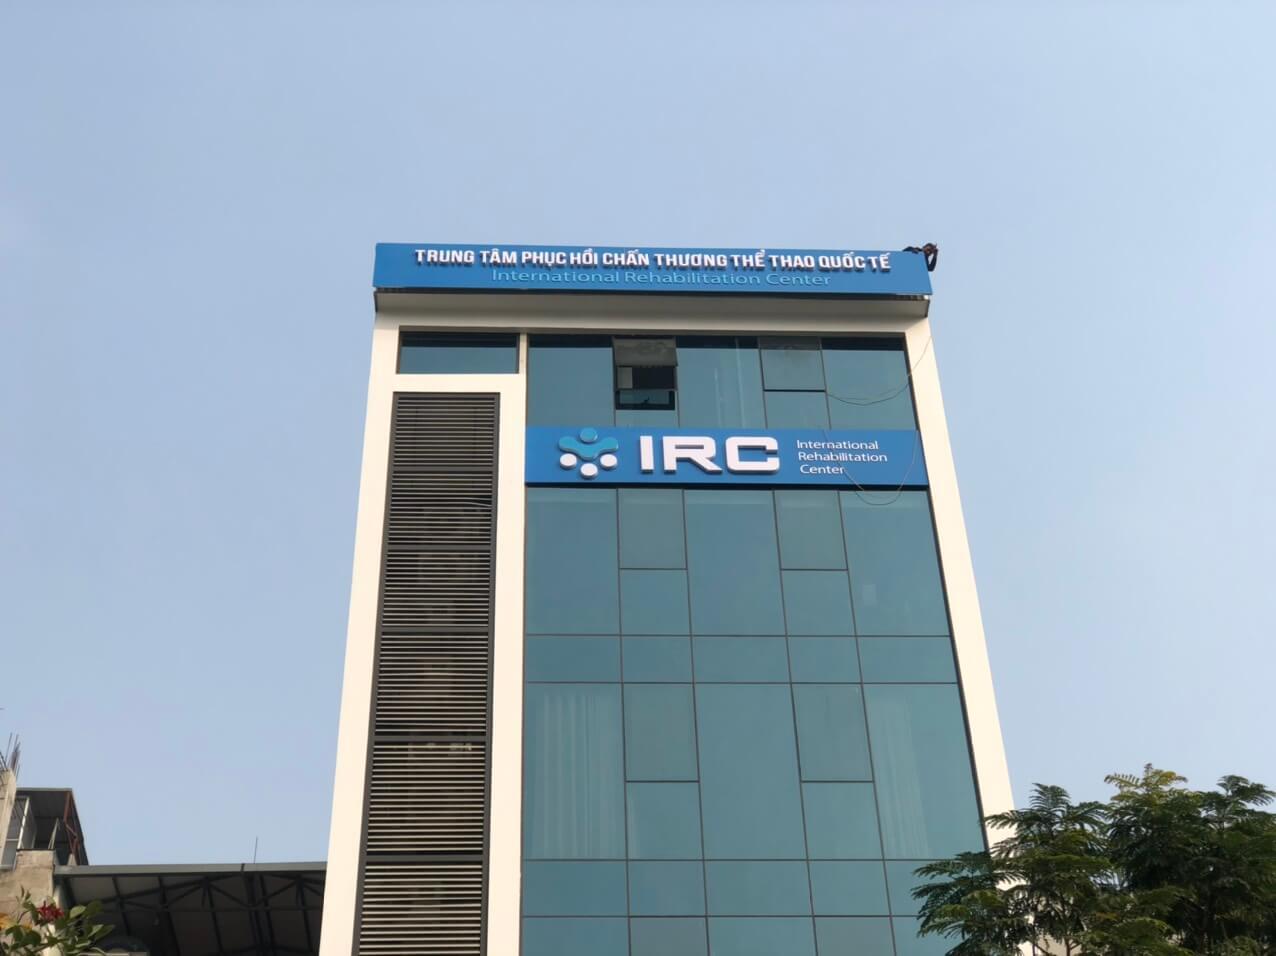 Biển quảng cáo tòa nhà IRC